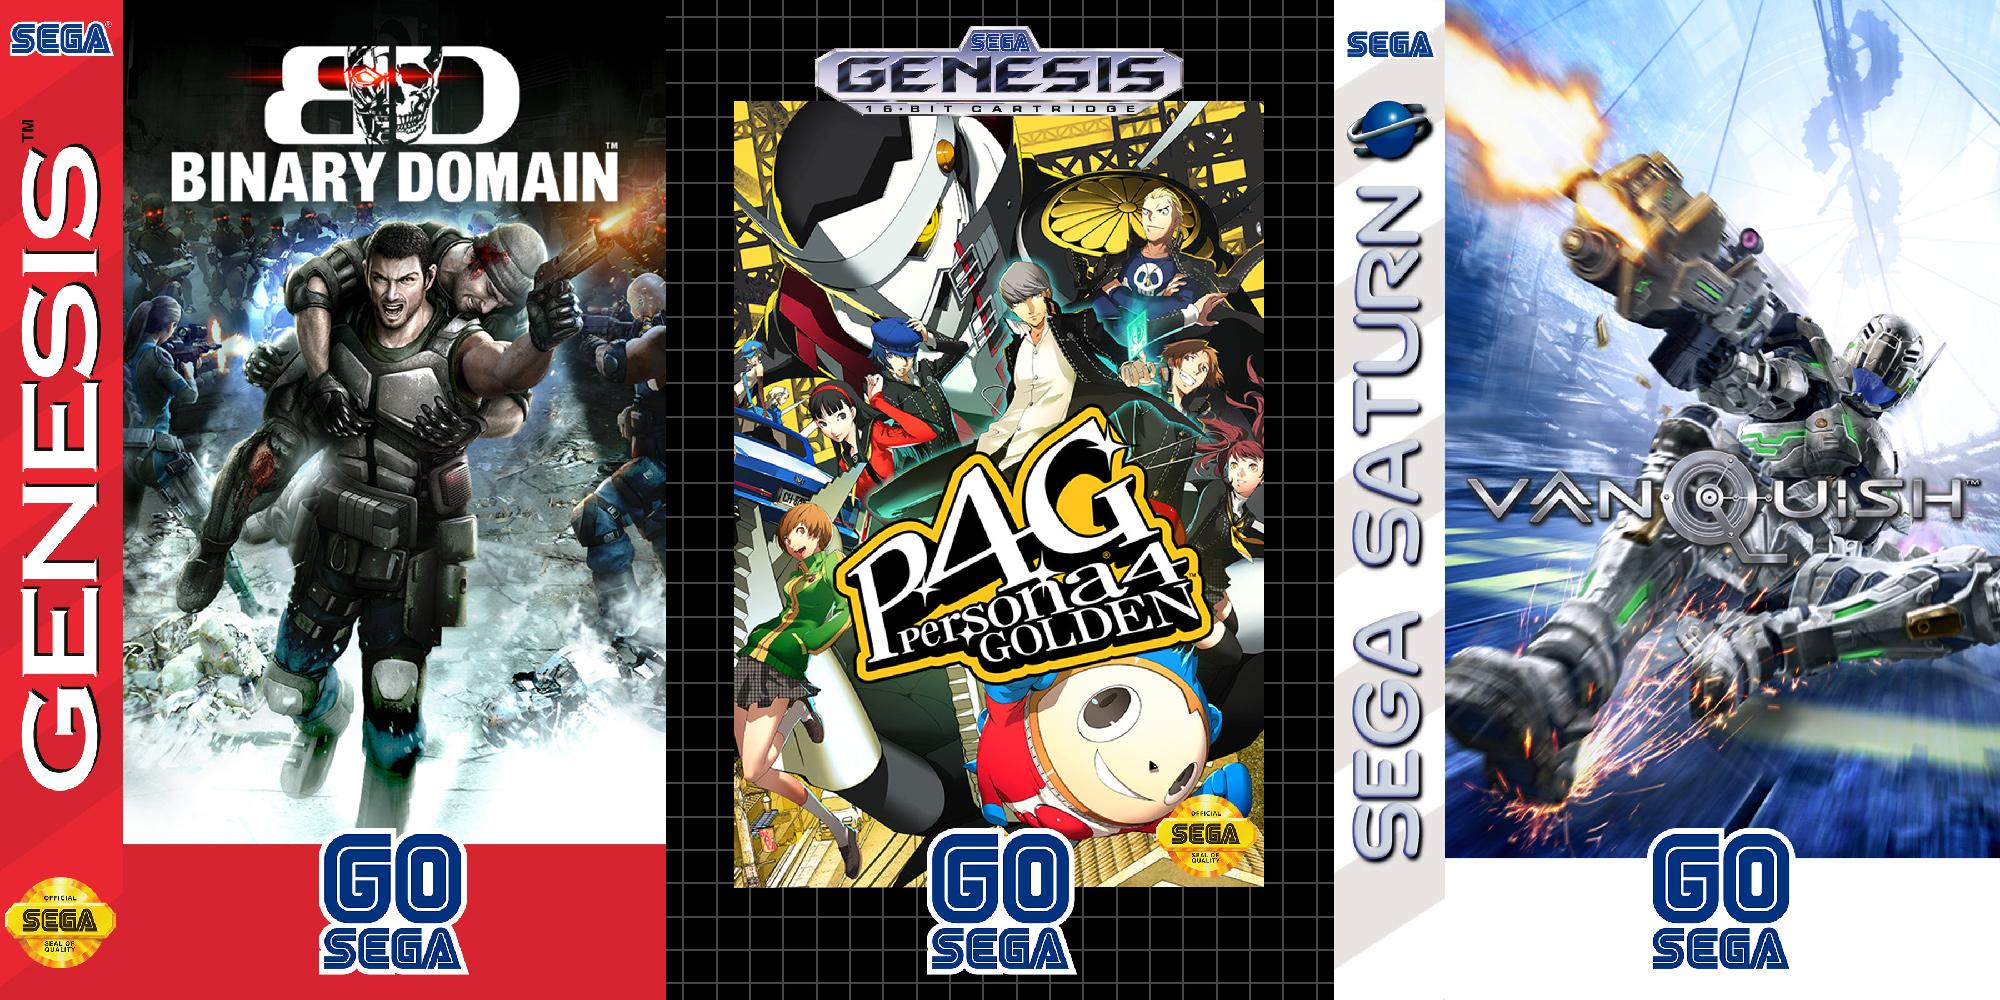 Binary Domain looks great as a Sega Genesis game